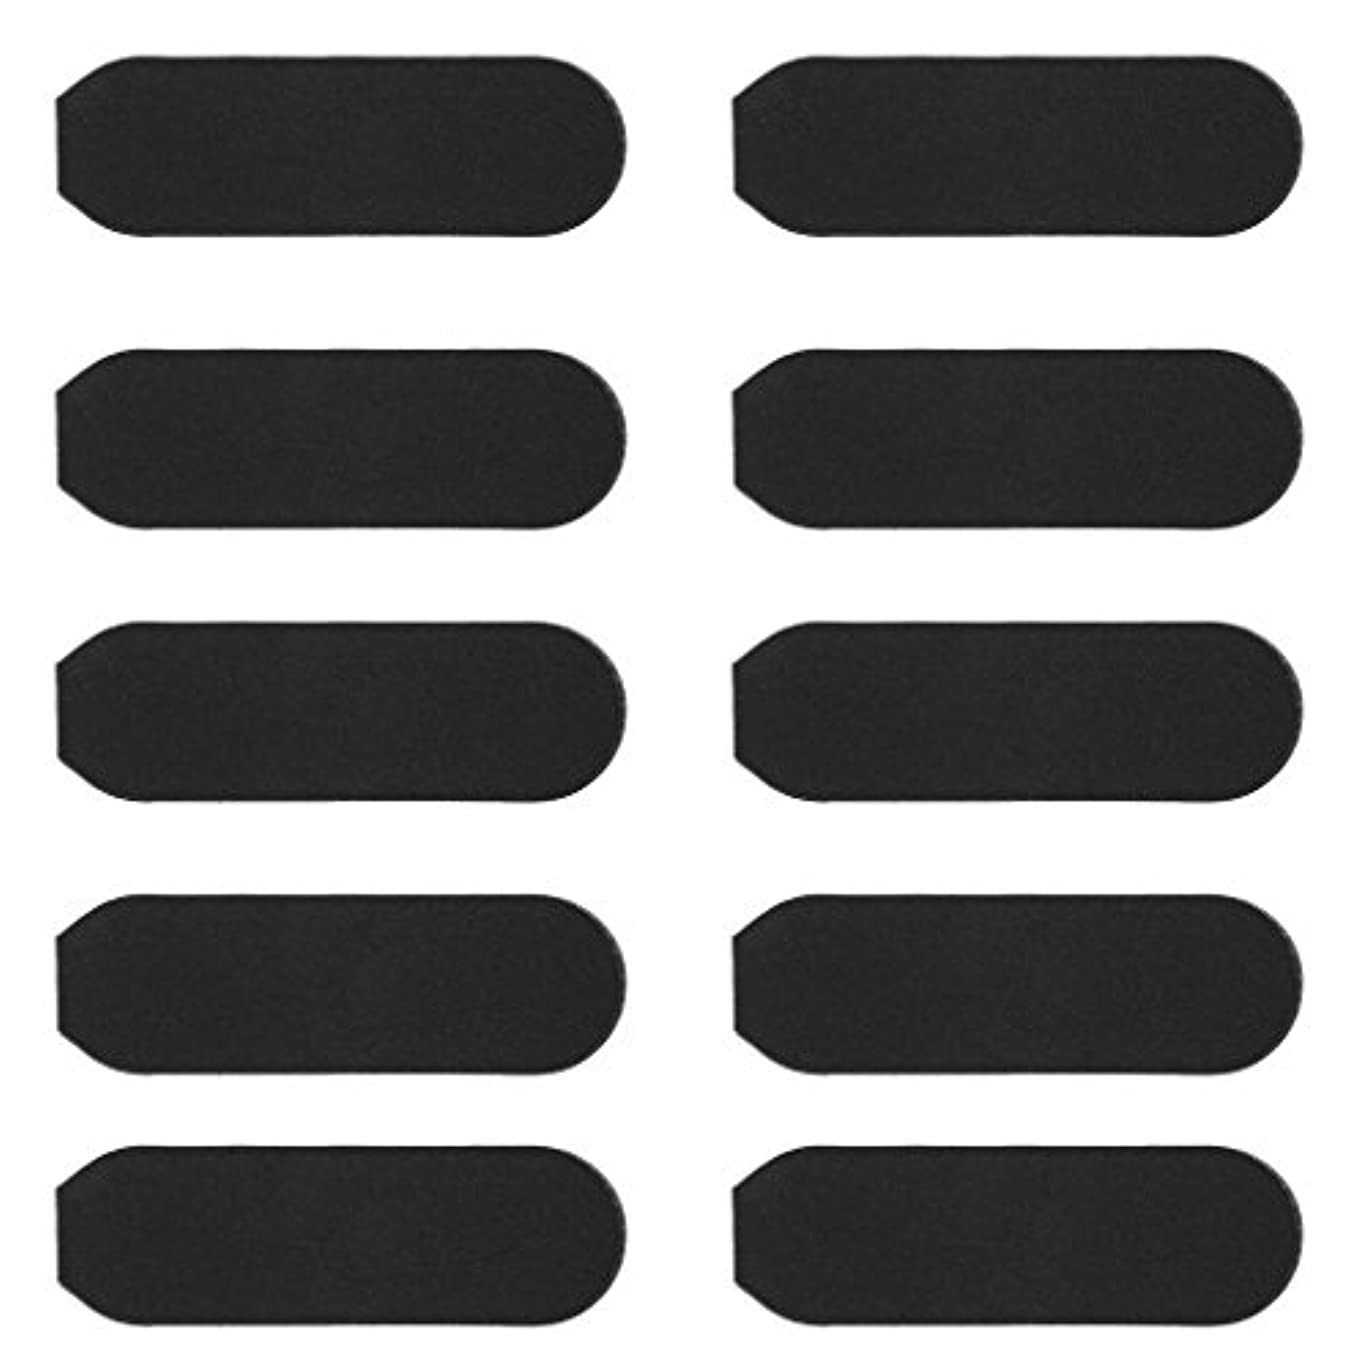 トリム母音物理的なCUTICATE 10枚 自己接着 ペディキュア フットサンディング 角質 リムーバー デッド スキンリムーバー